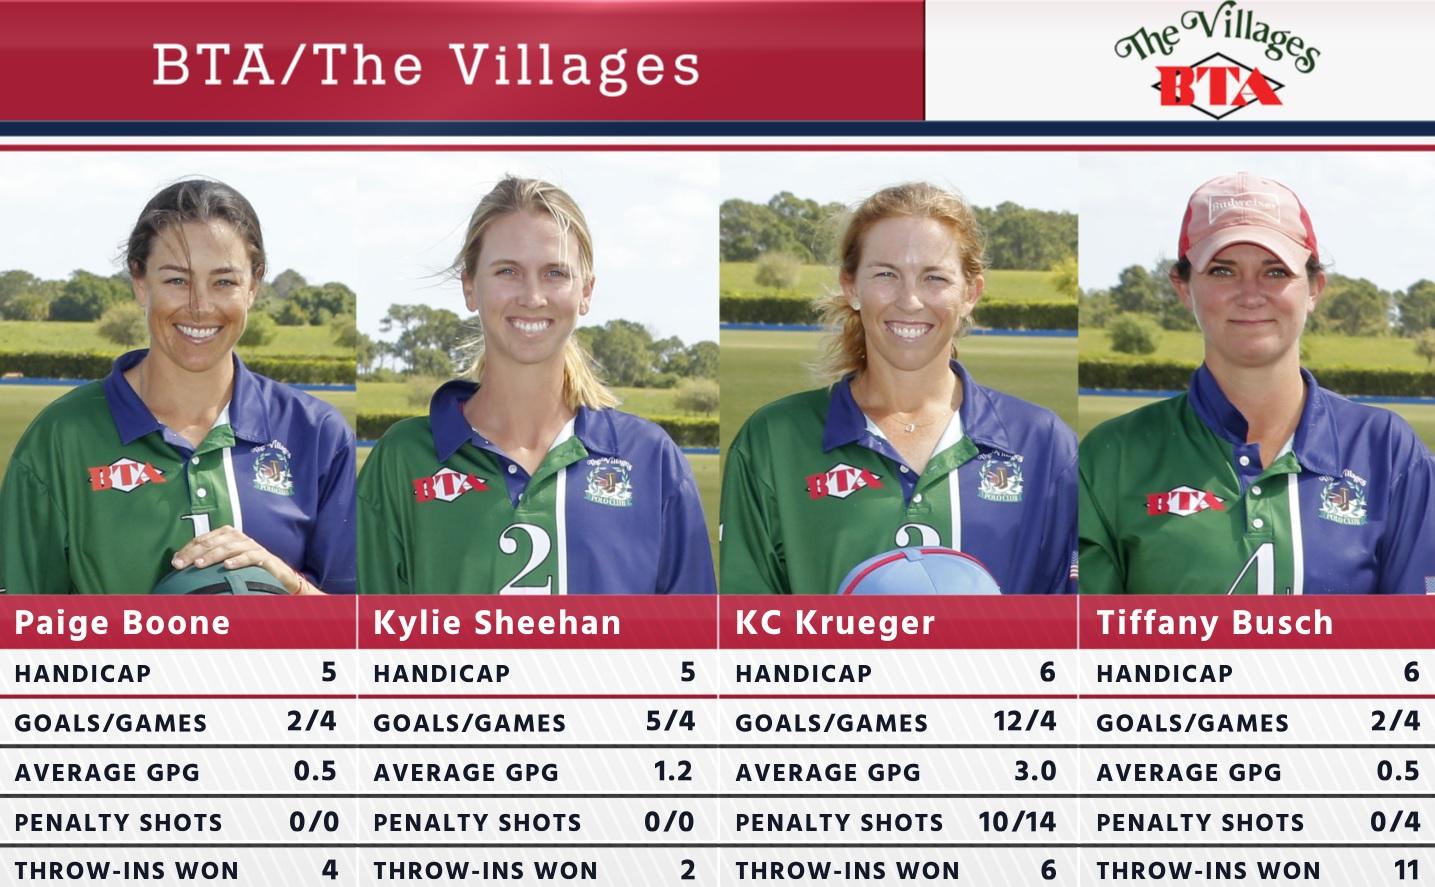 BTA The Villages